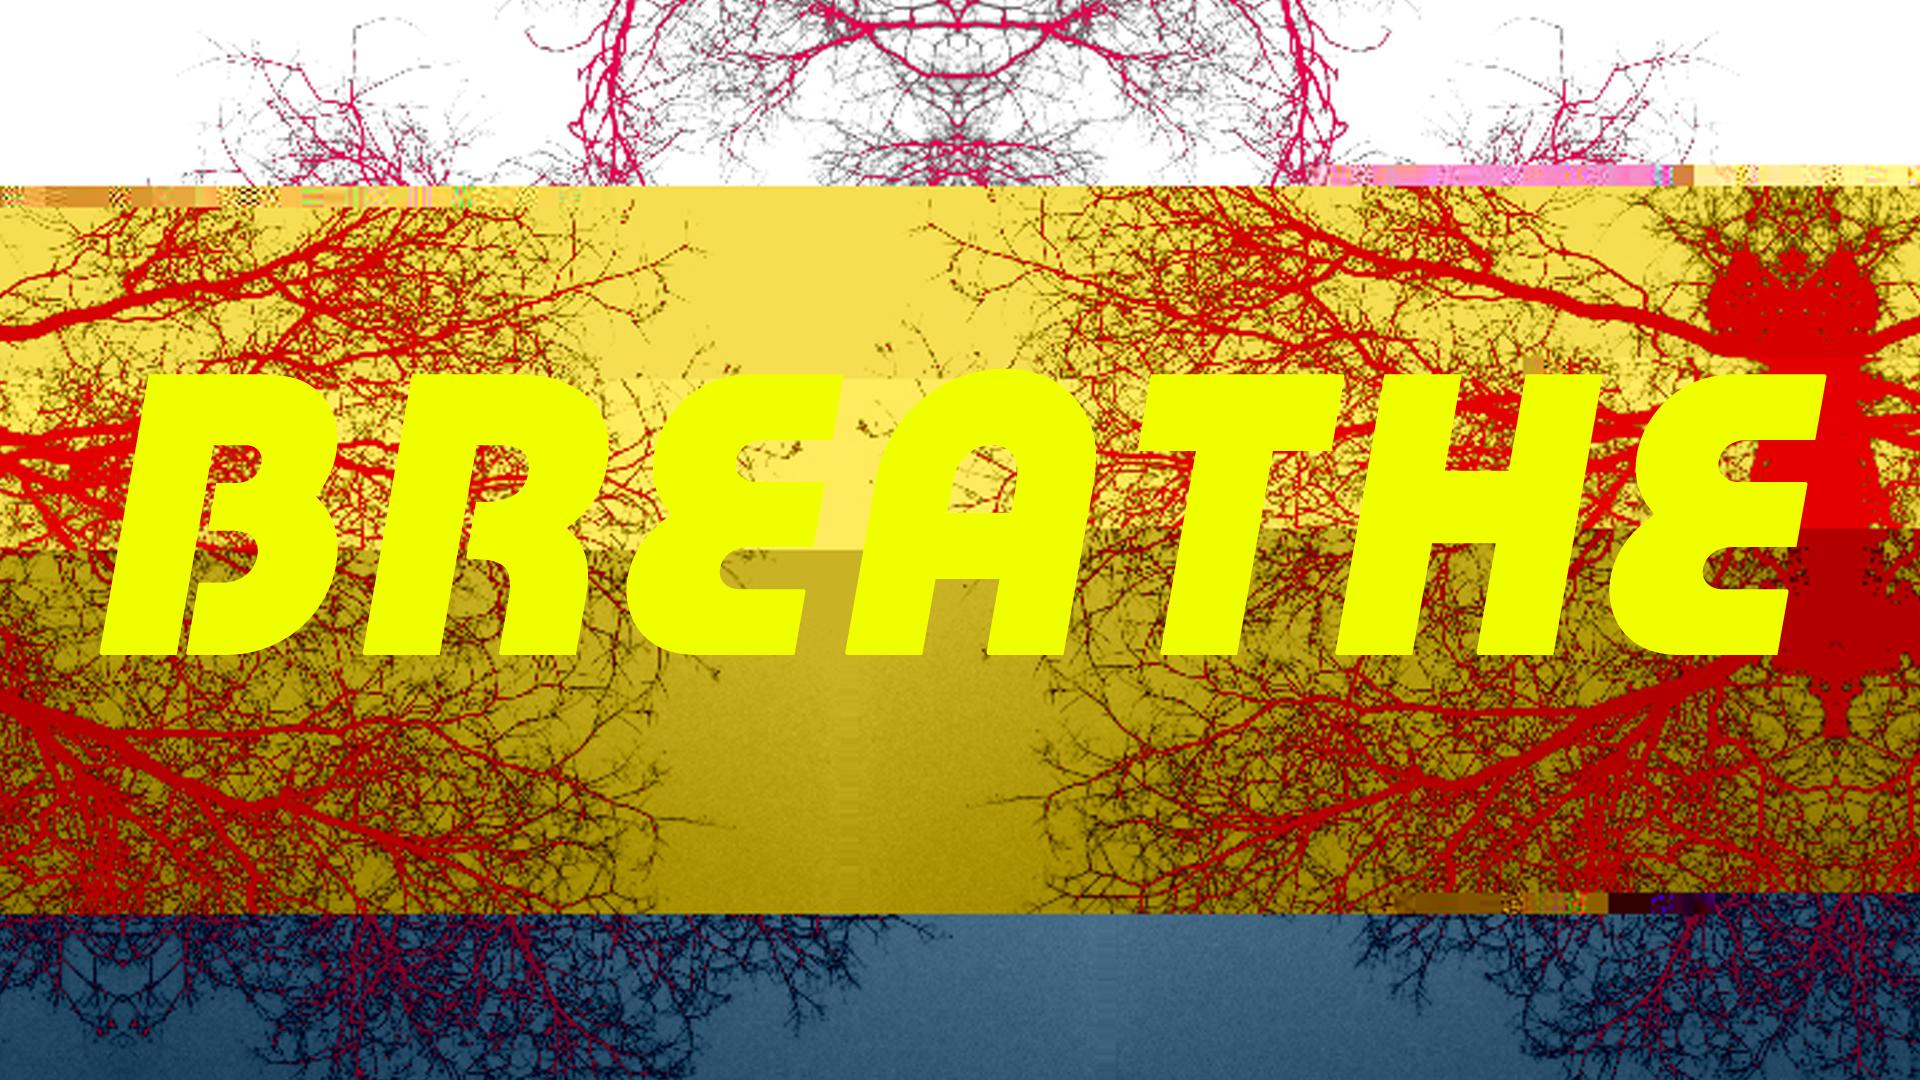 BREATHE_006